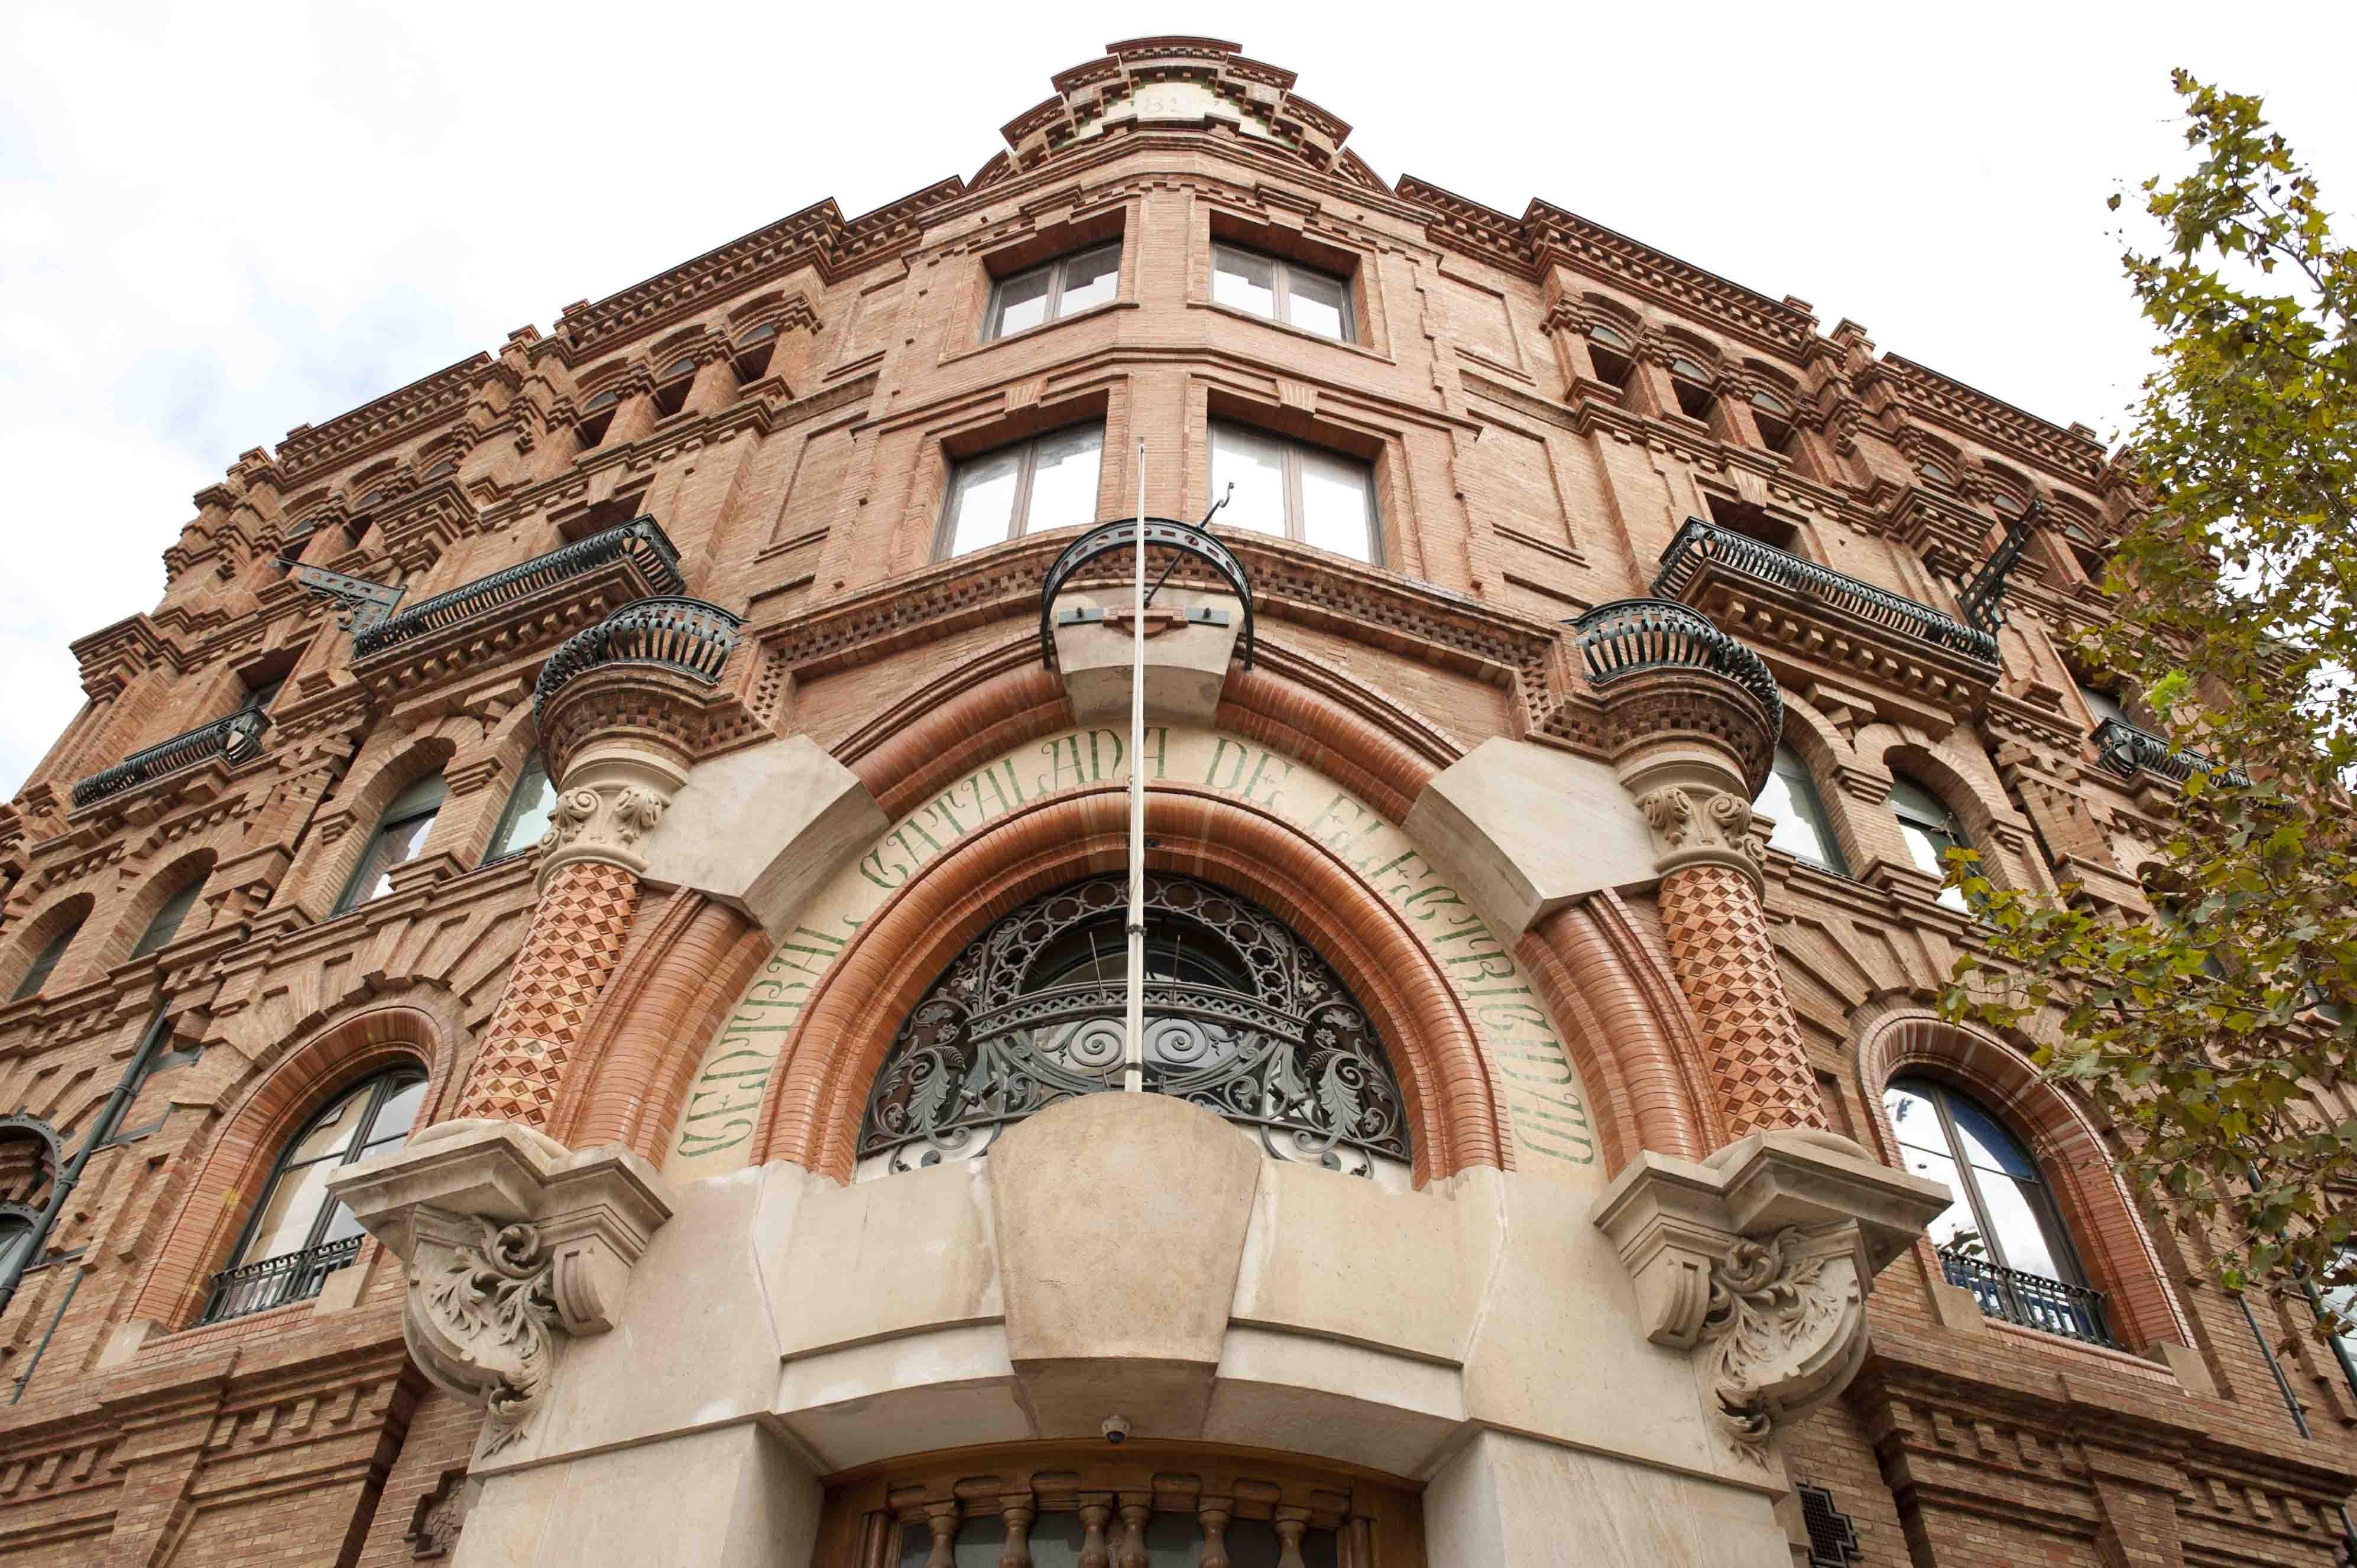 Endesa instala un centro de transformación en el distrito barcelonés de Sarrià-Sant Gervasi